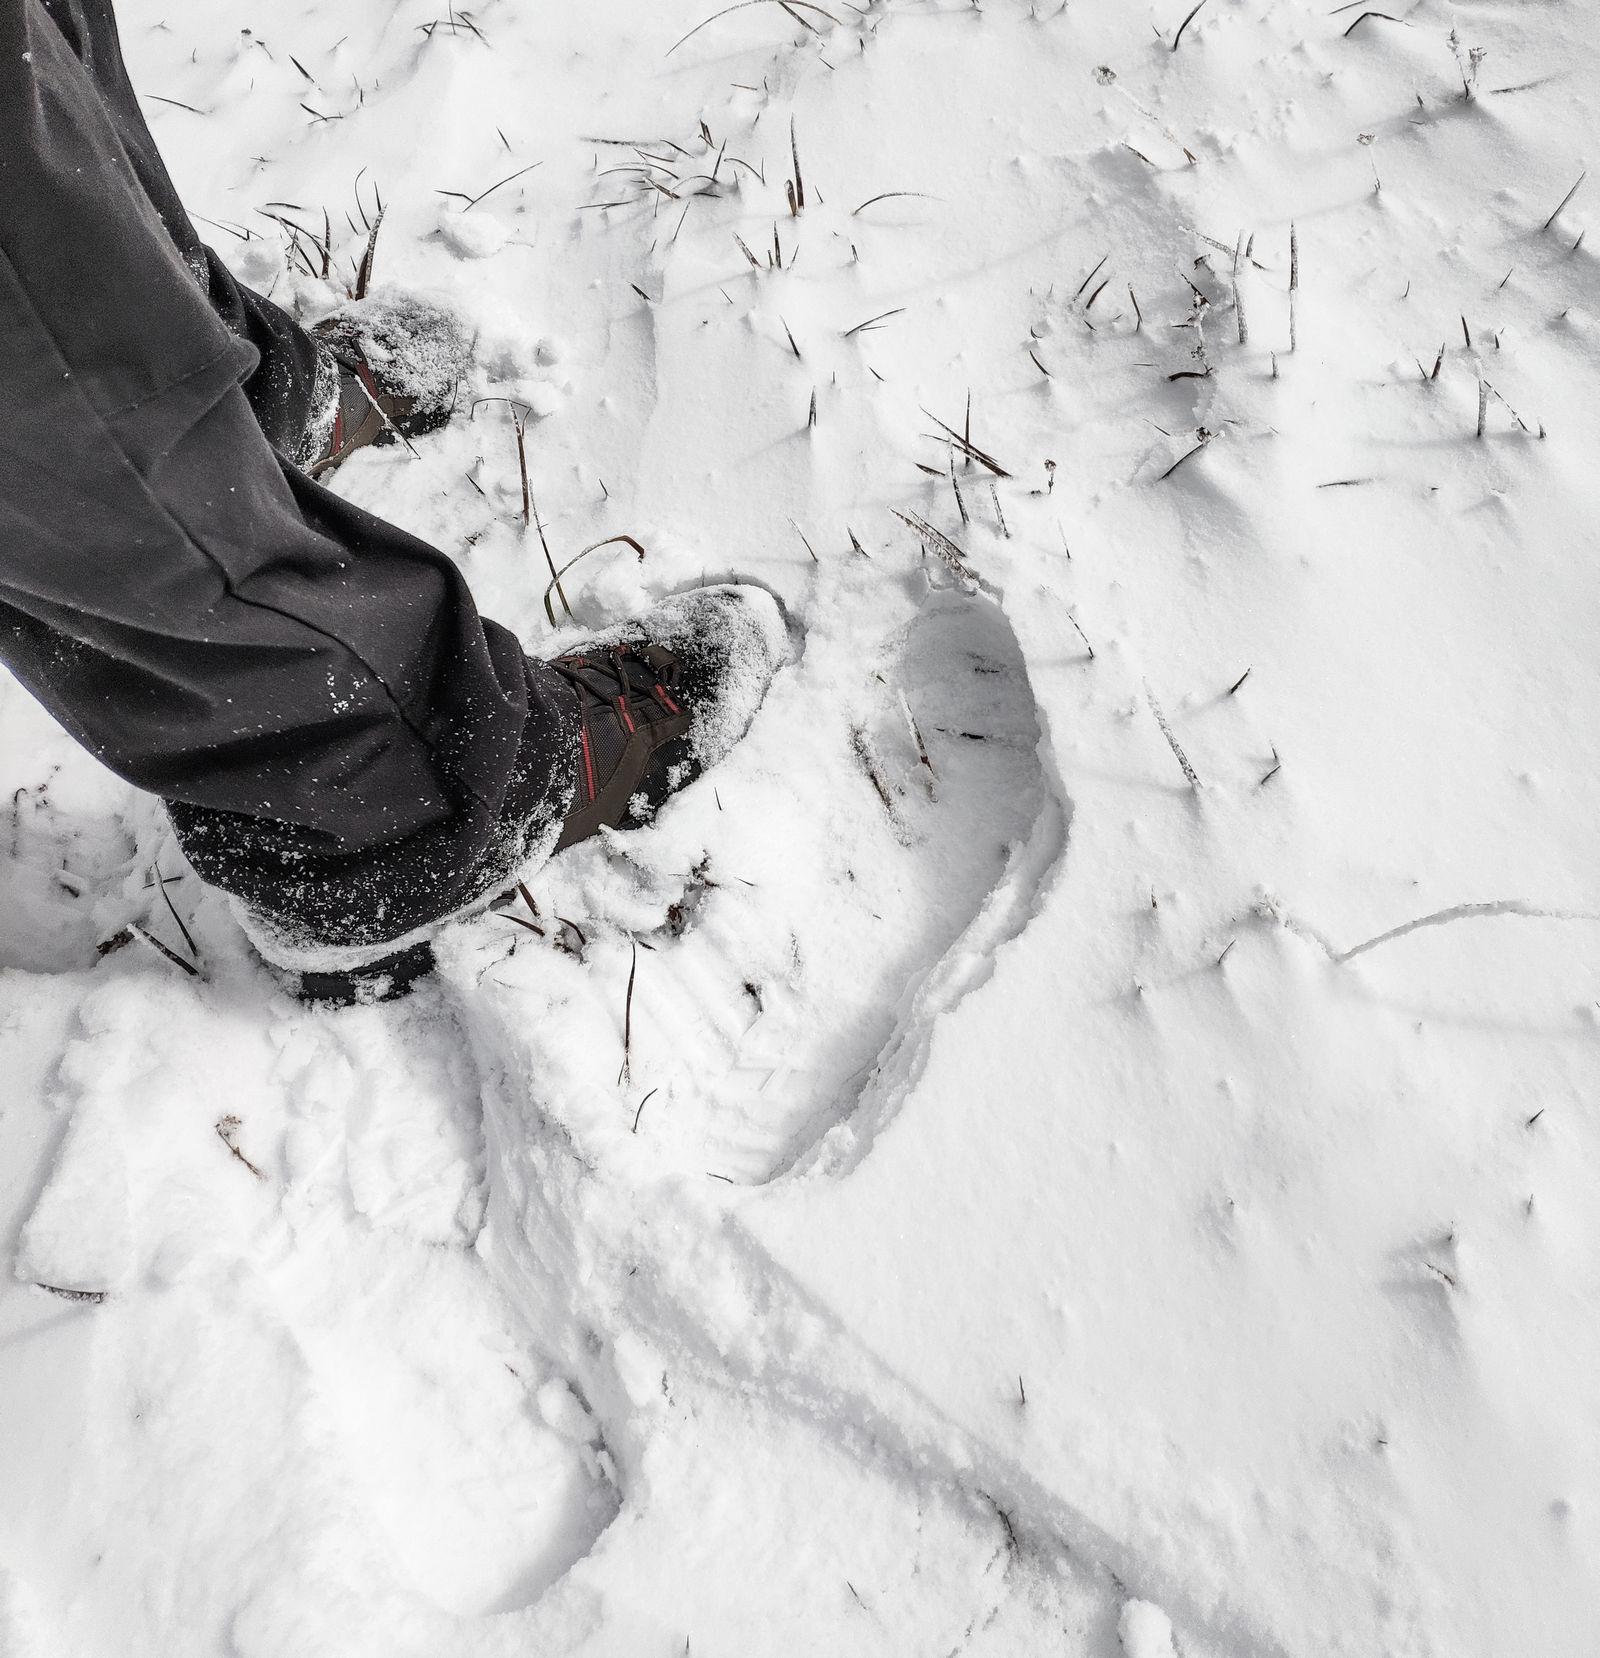 Hundiendo las botas